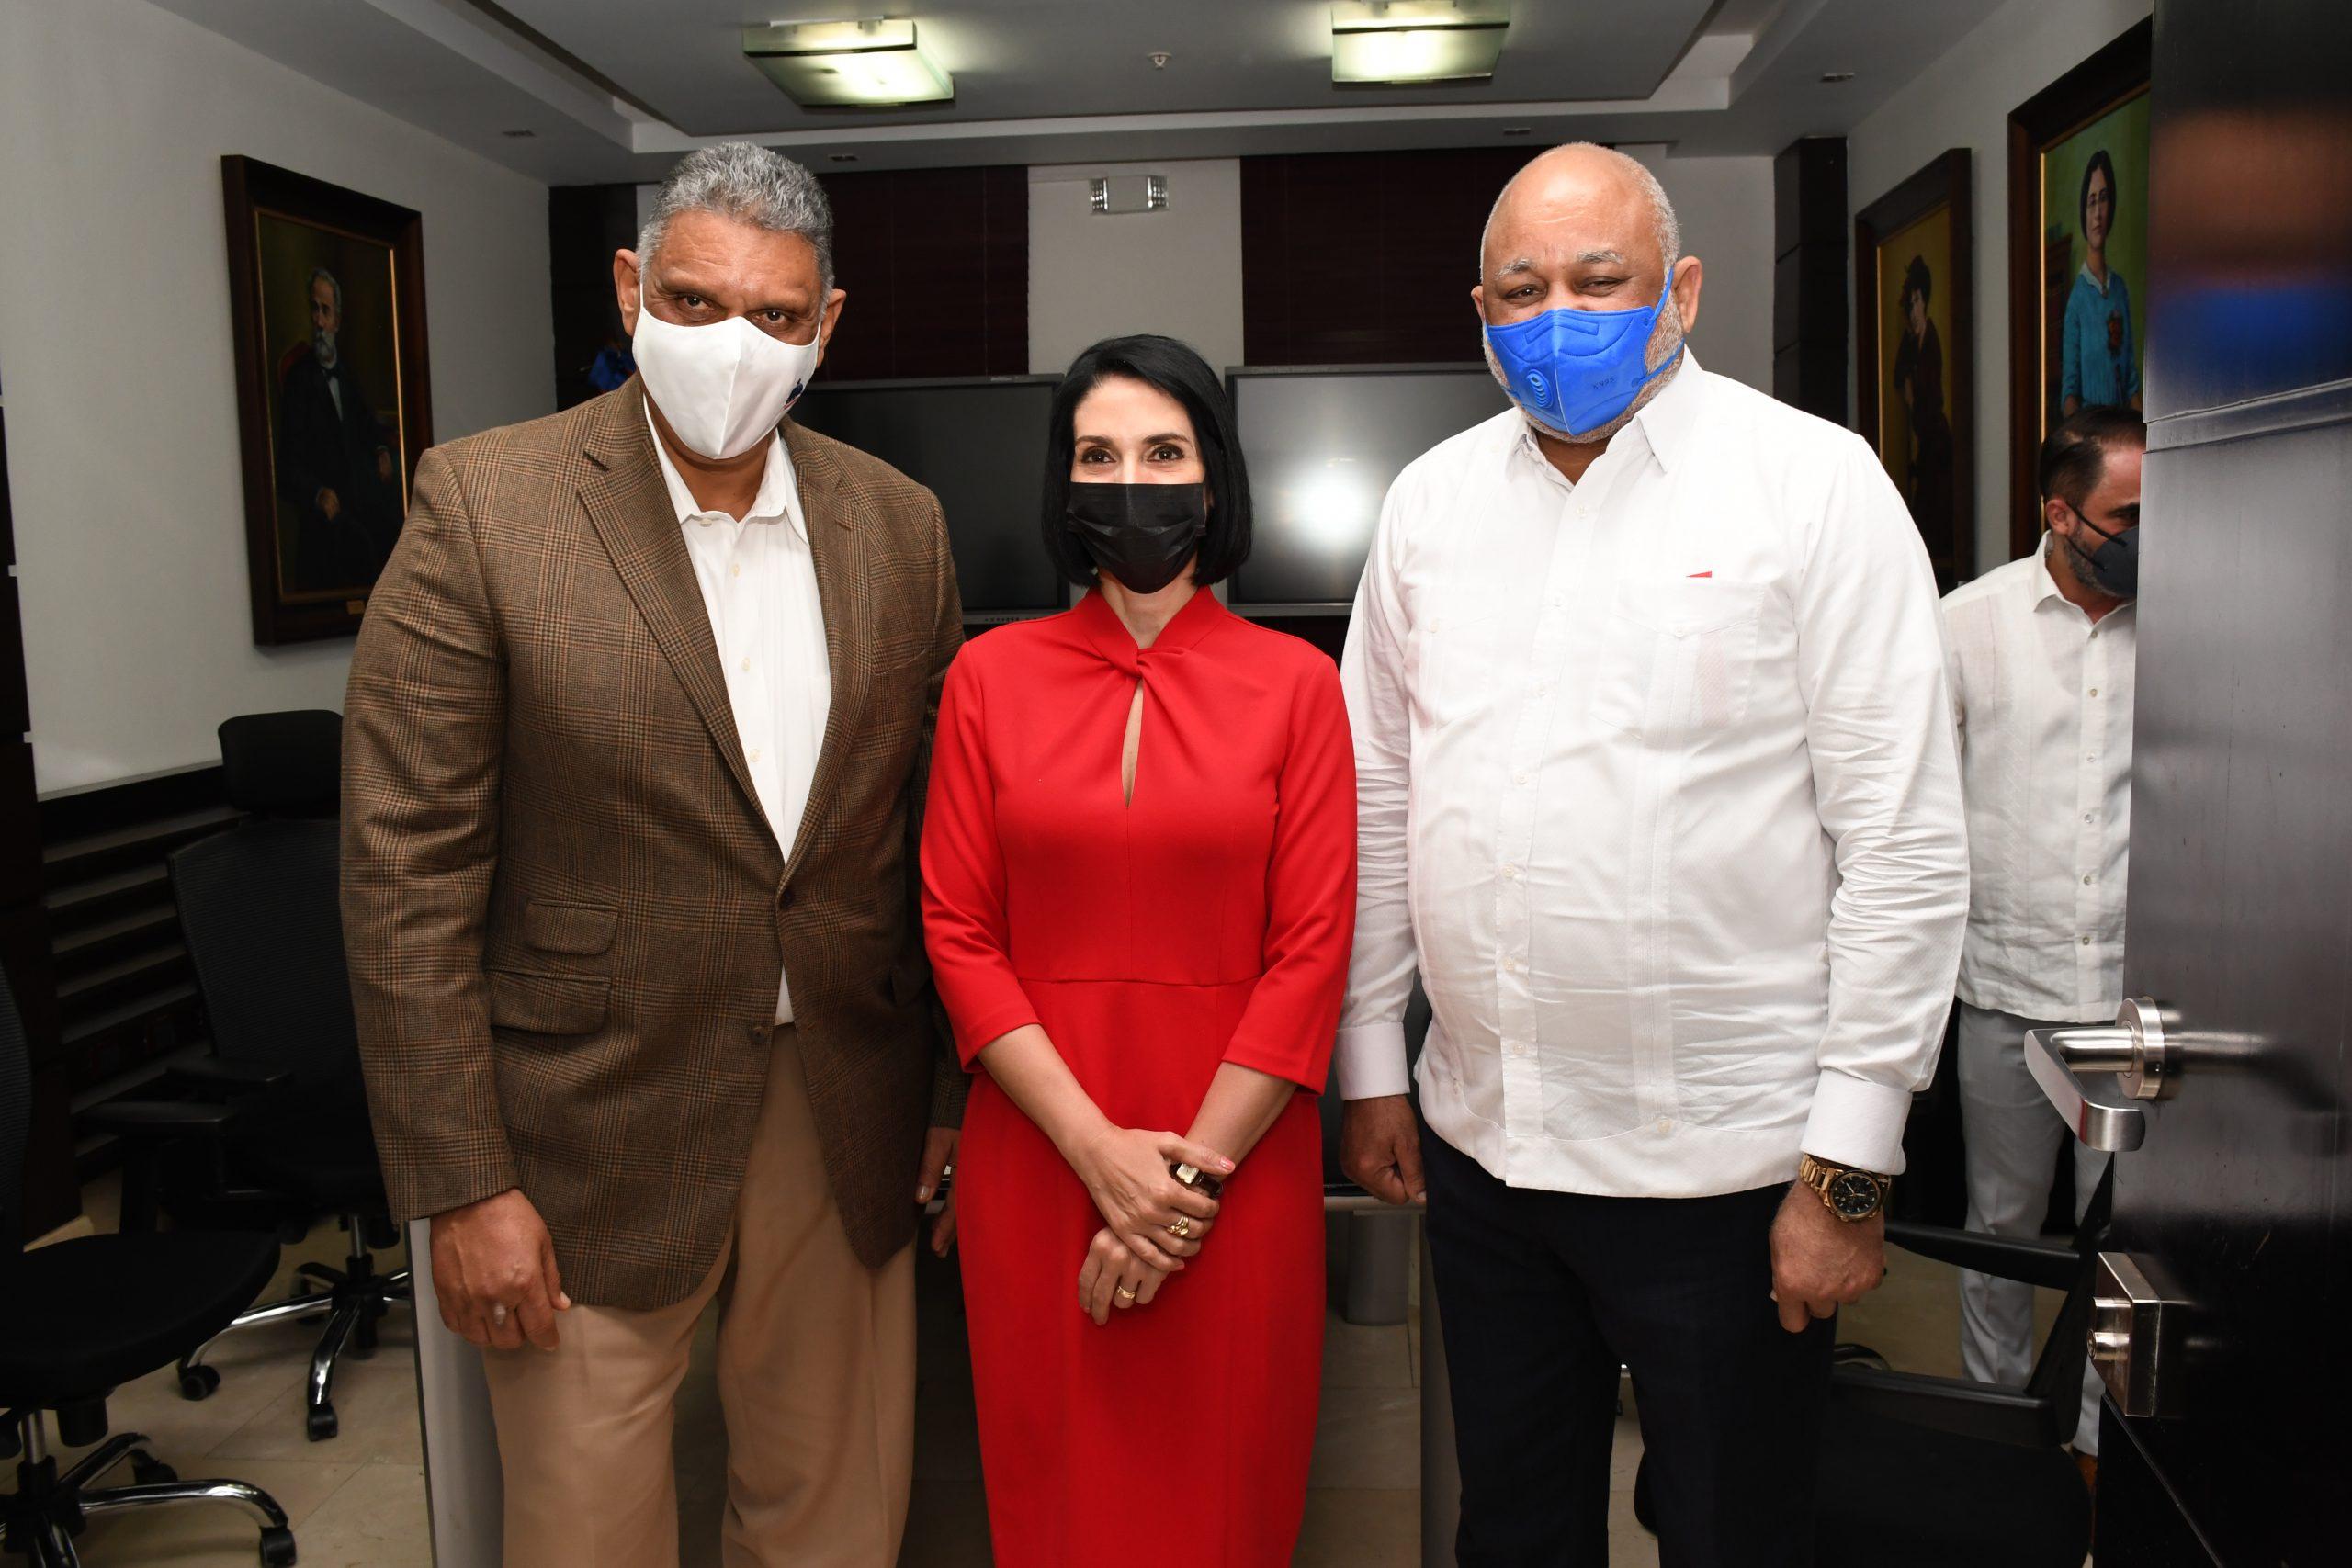 Ministro de Interior y Policía y el Ministro de Educación al junto de la primera dama